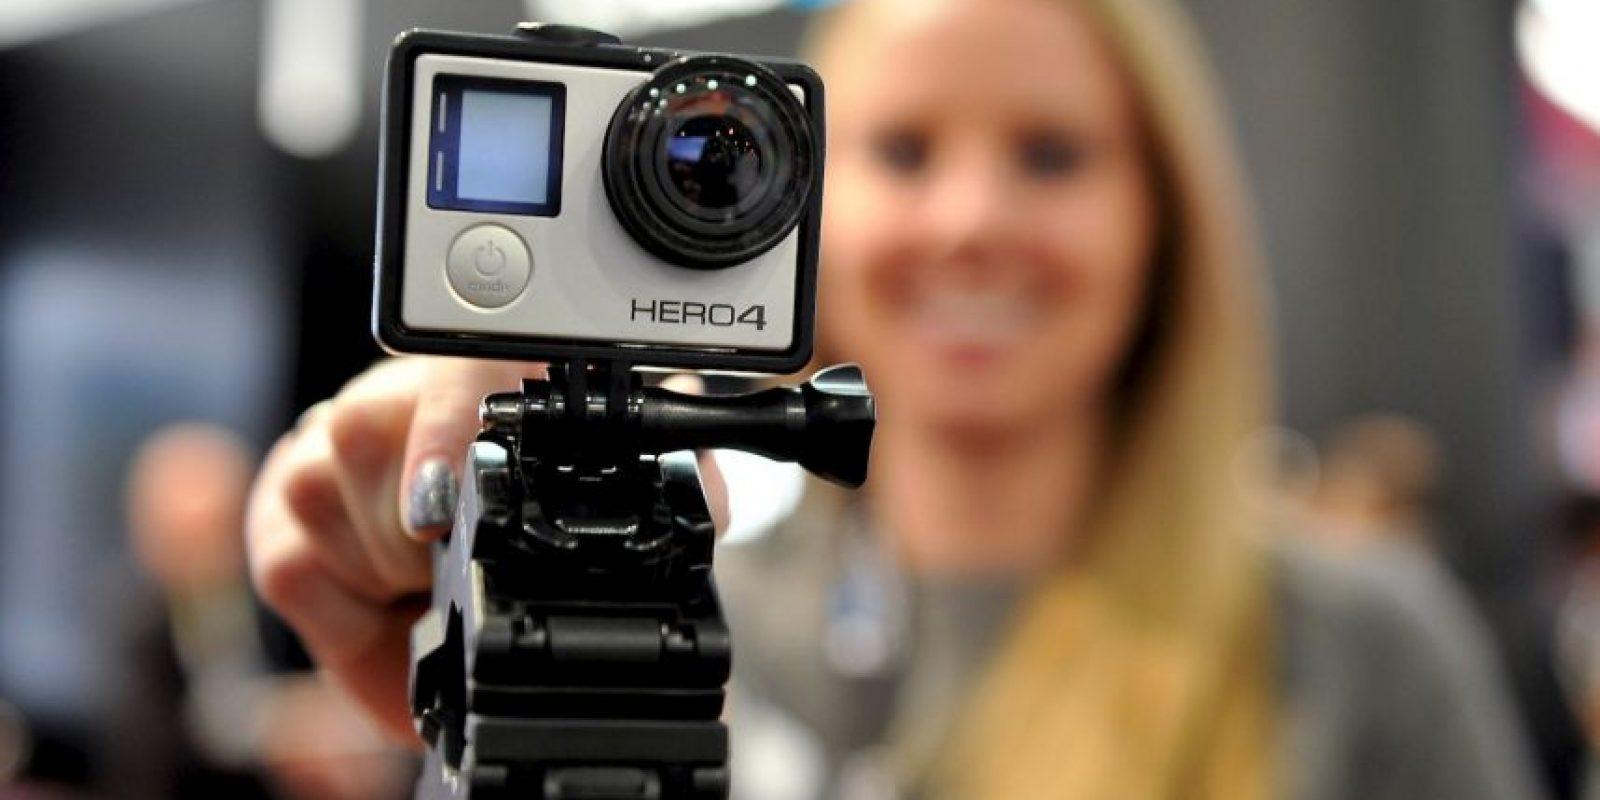 La cámaras captura fotos fijas o video en alta definición, a través de un lente gran angular Foto:Getty Images